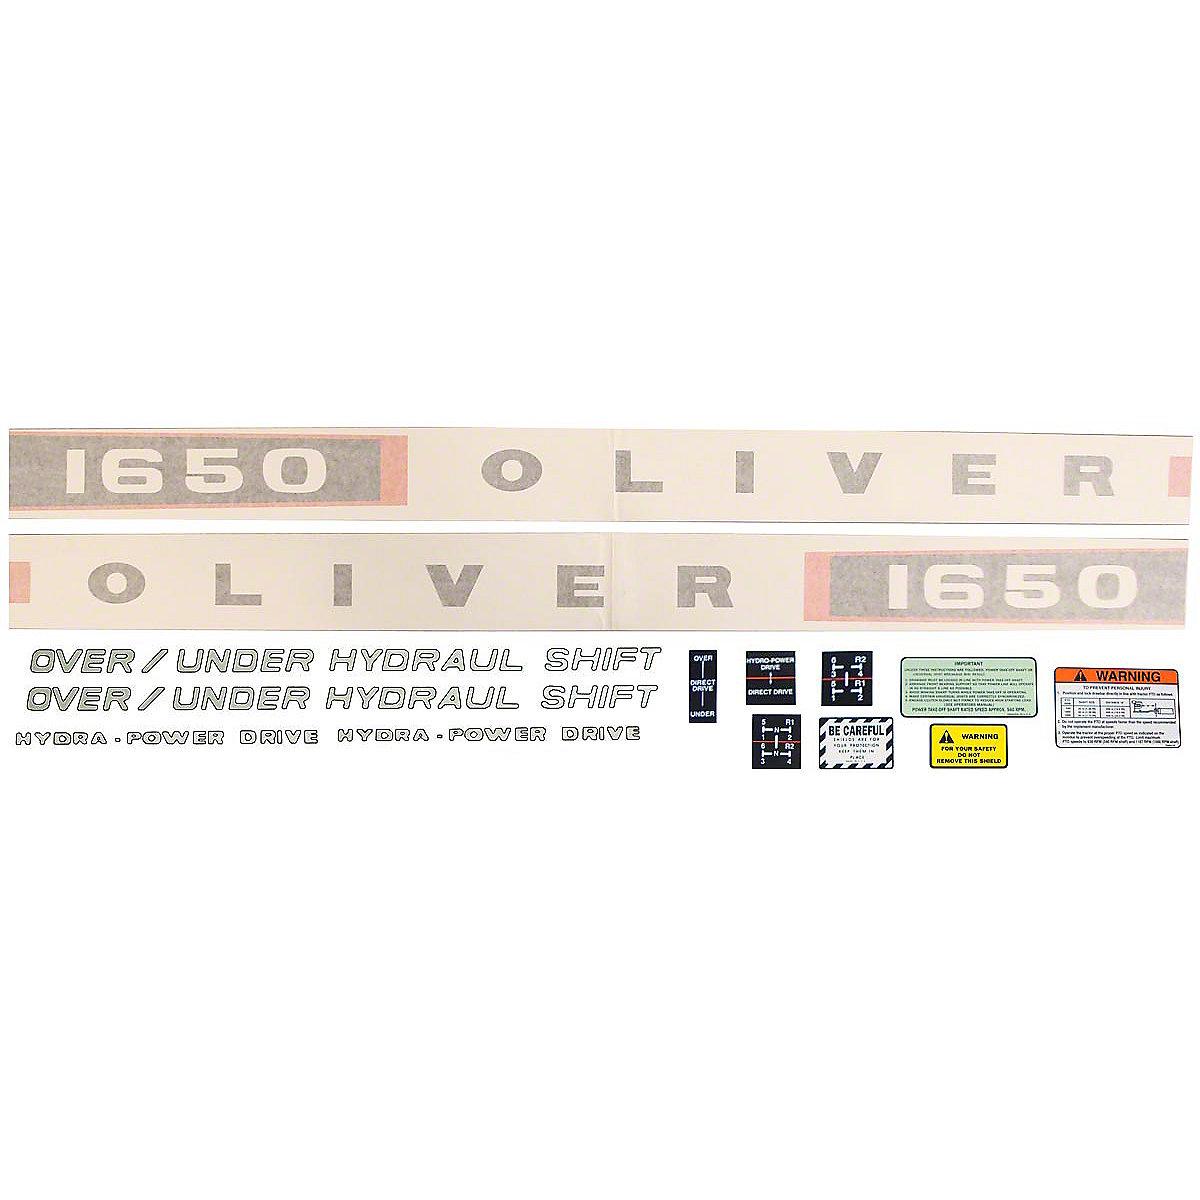 Vinyl Cut Decal Set For Oliver 1650 Tractors.